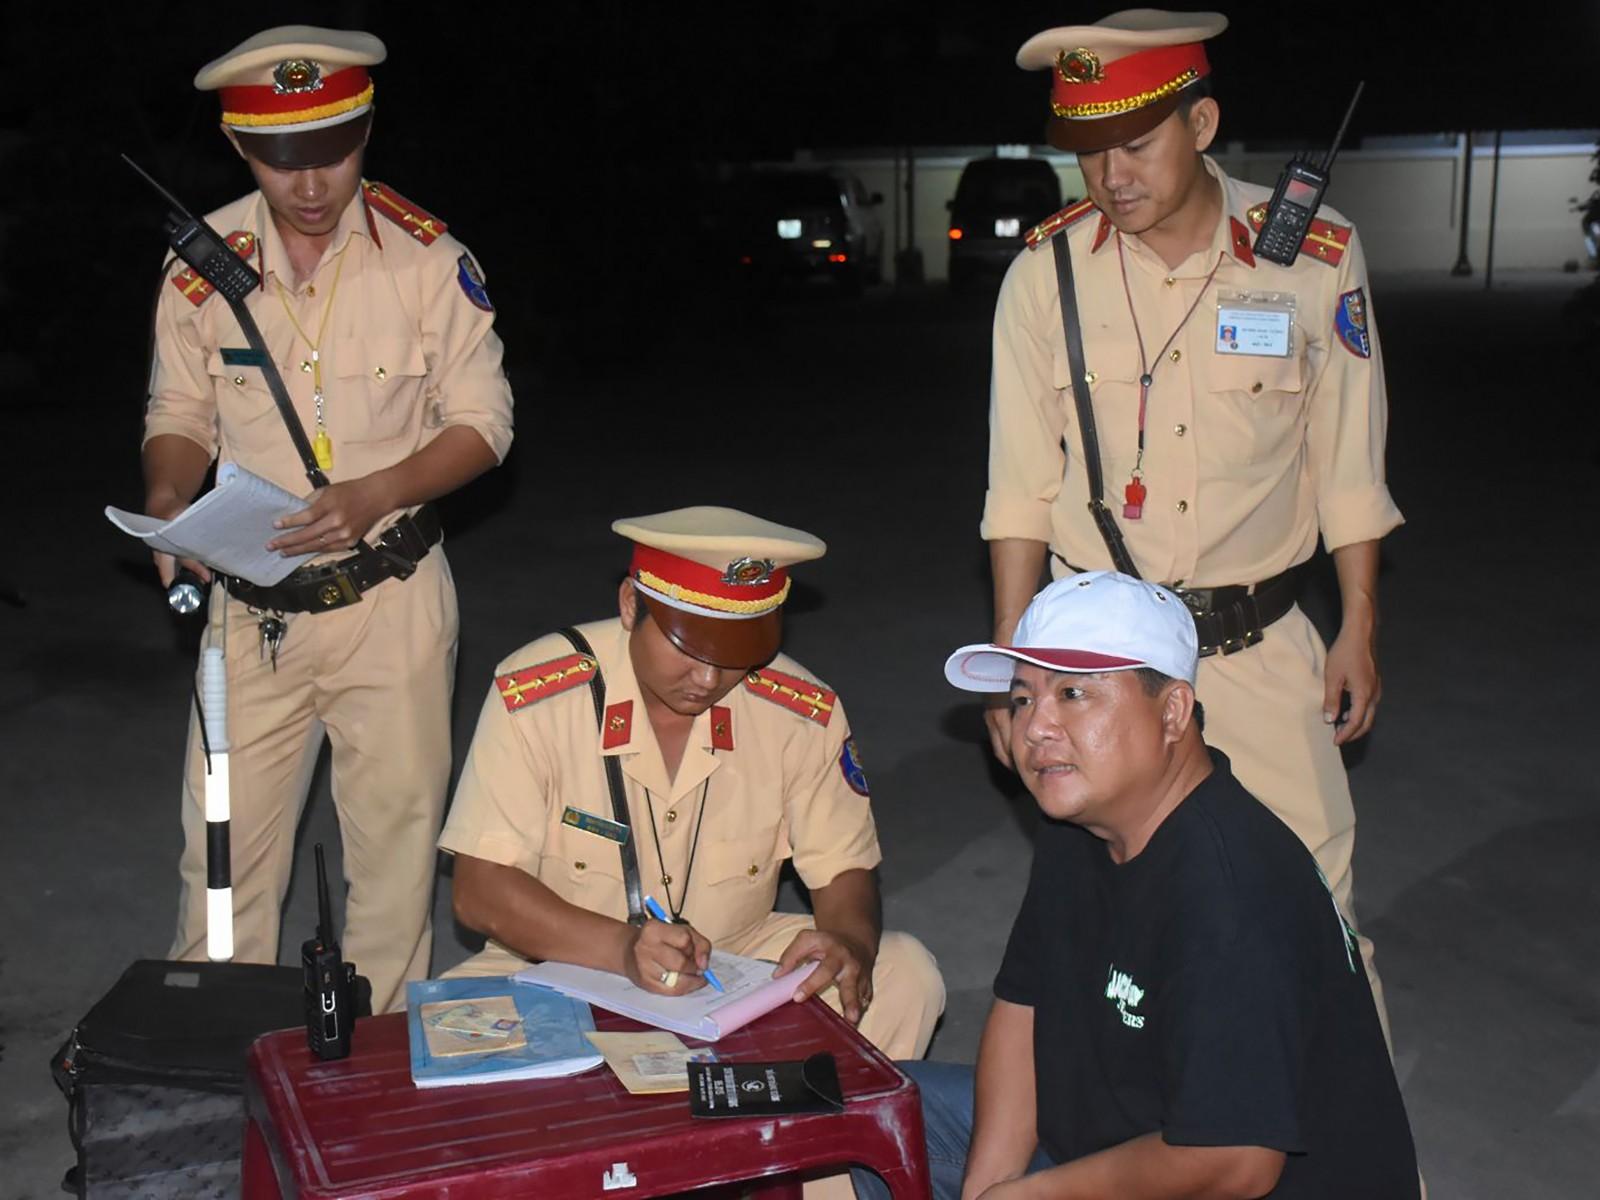 CSGT Trạm Cửa ô Ba Láng kiểm soát phương tiện lưu thông trên quốc lộ 1A, thuộc phường Ba Láng, quận Cái Răng. Ảnh: XUÂN ĐÀO